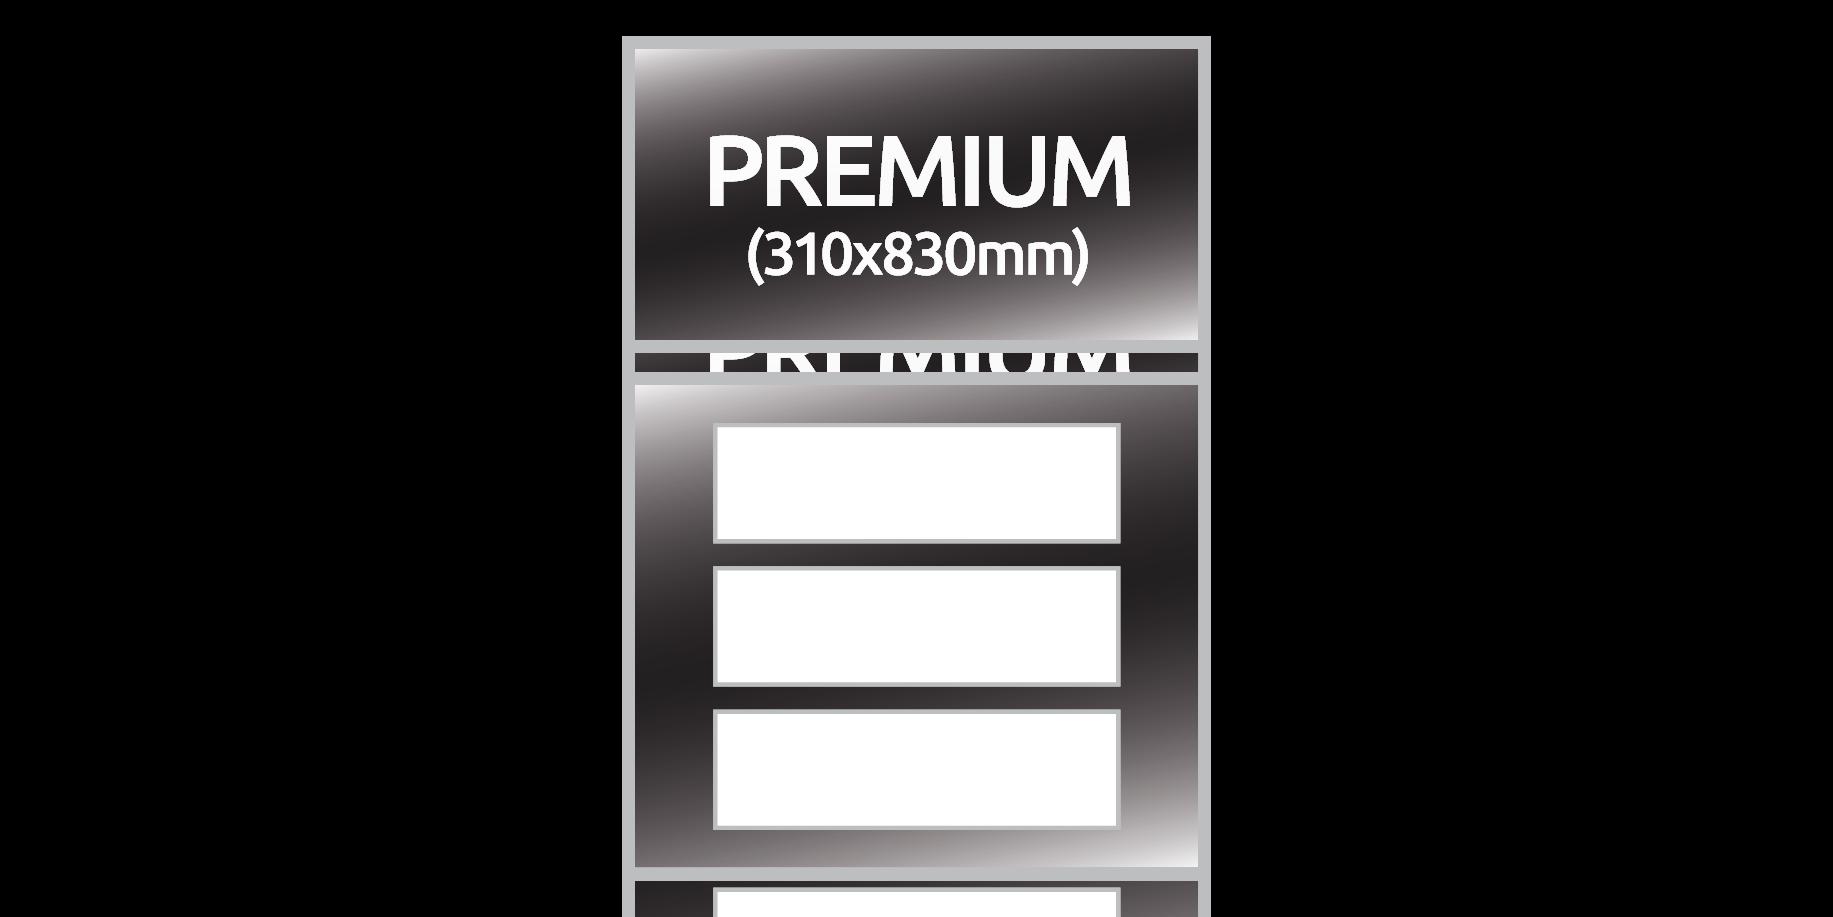 StudioKalendarzy.pl - kalendarze trójdzielne premium